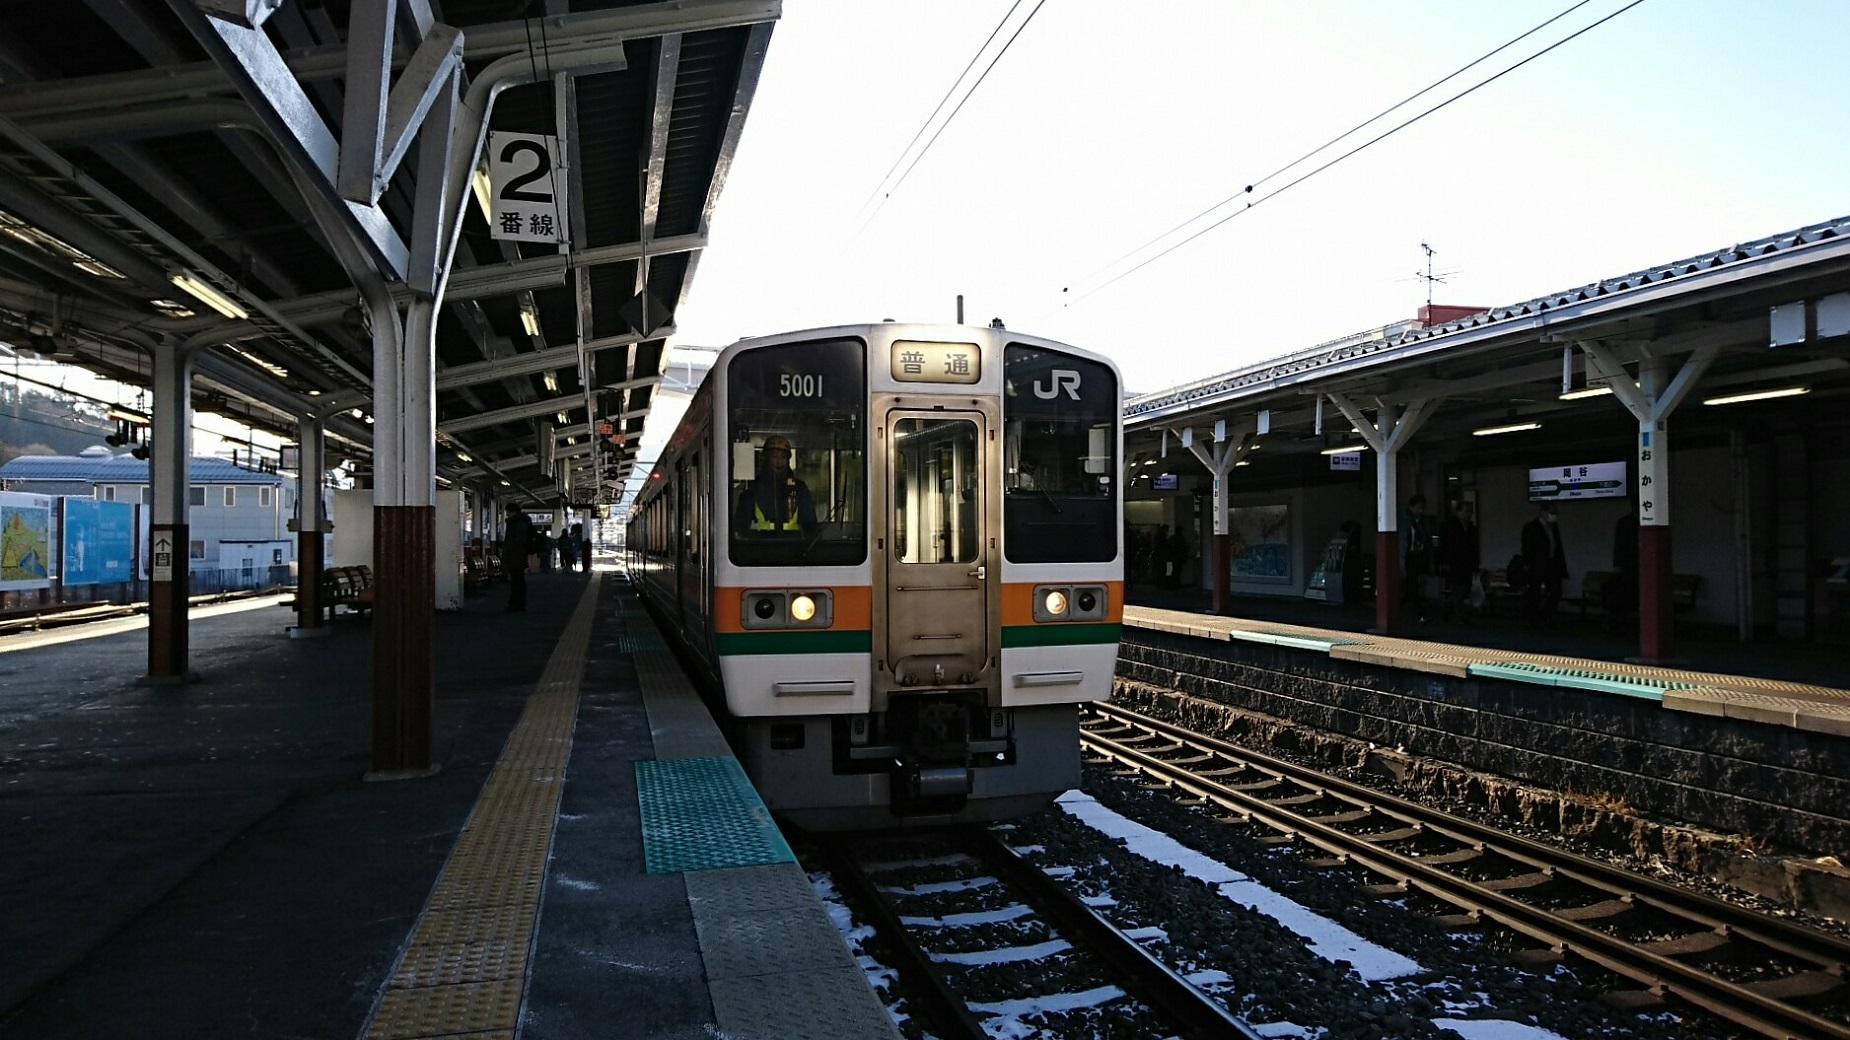 2019.1.24 (297) 岡谷 - 茅野いきふつう 1850-1040